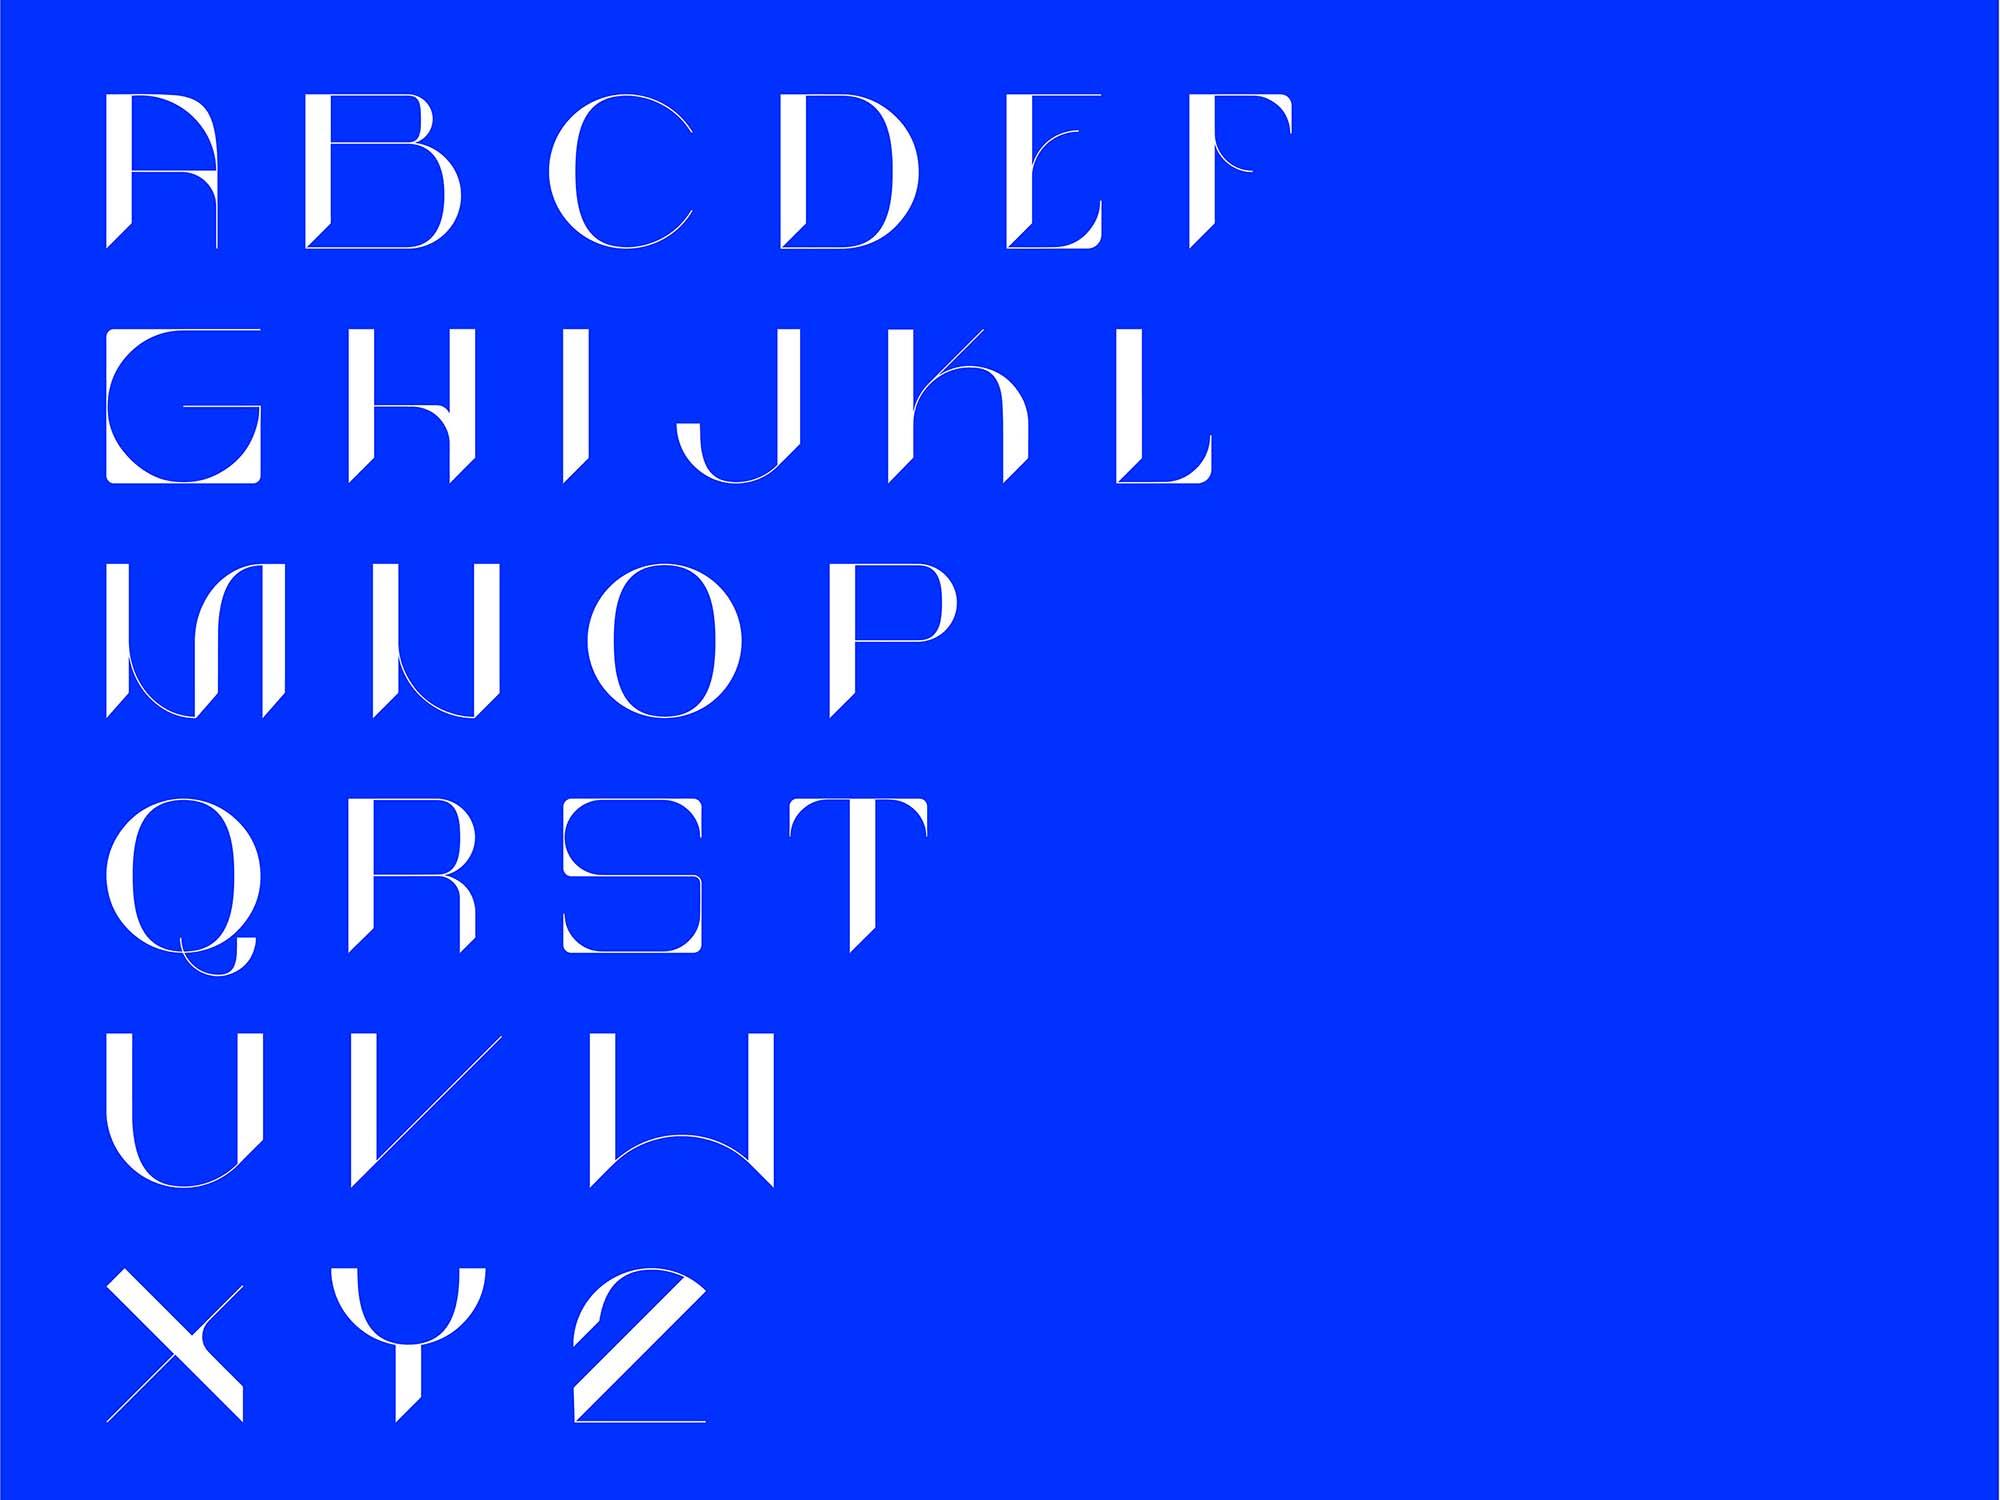 Kabond Display Font 2